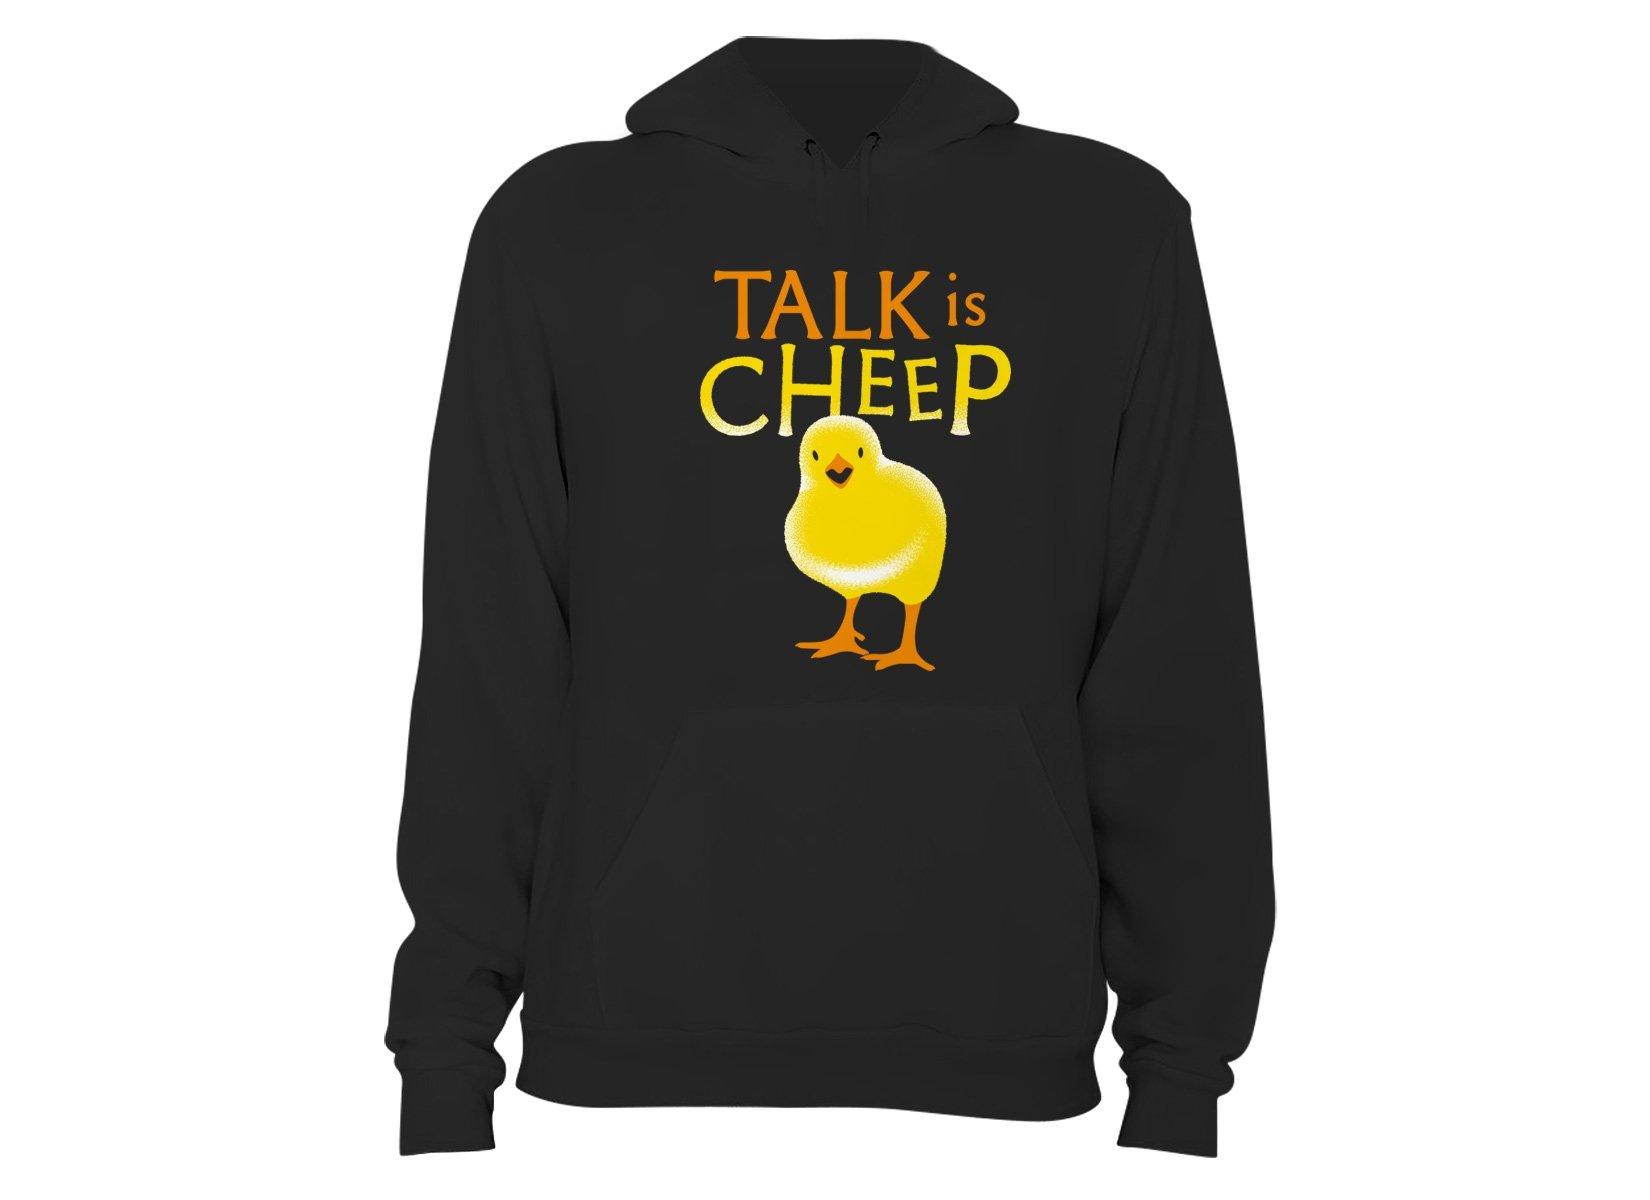 Talk Is Cheep on Hoodie